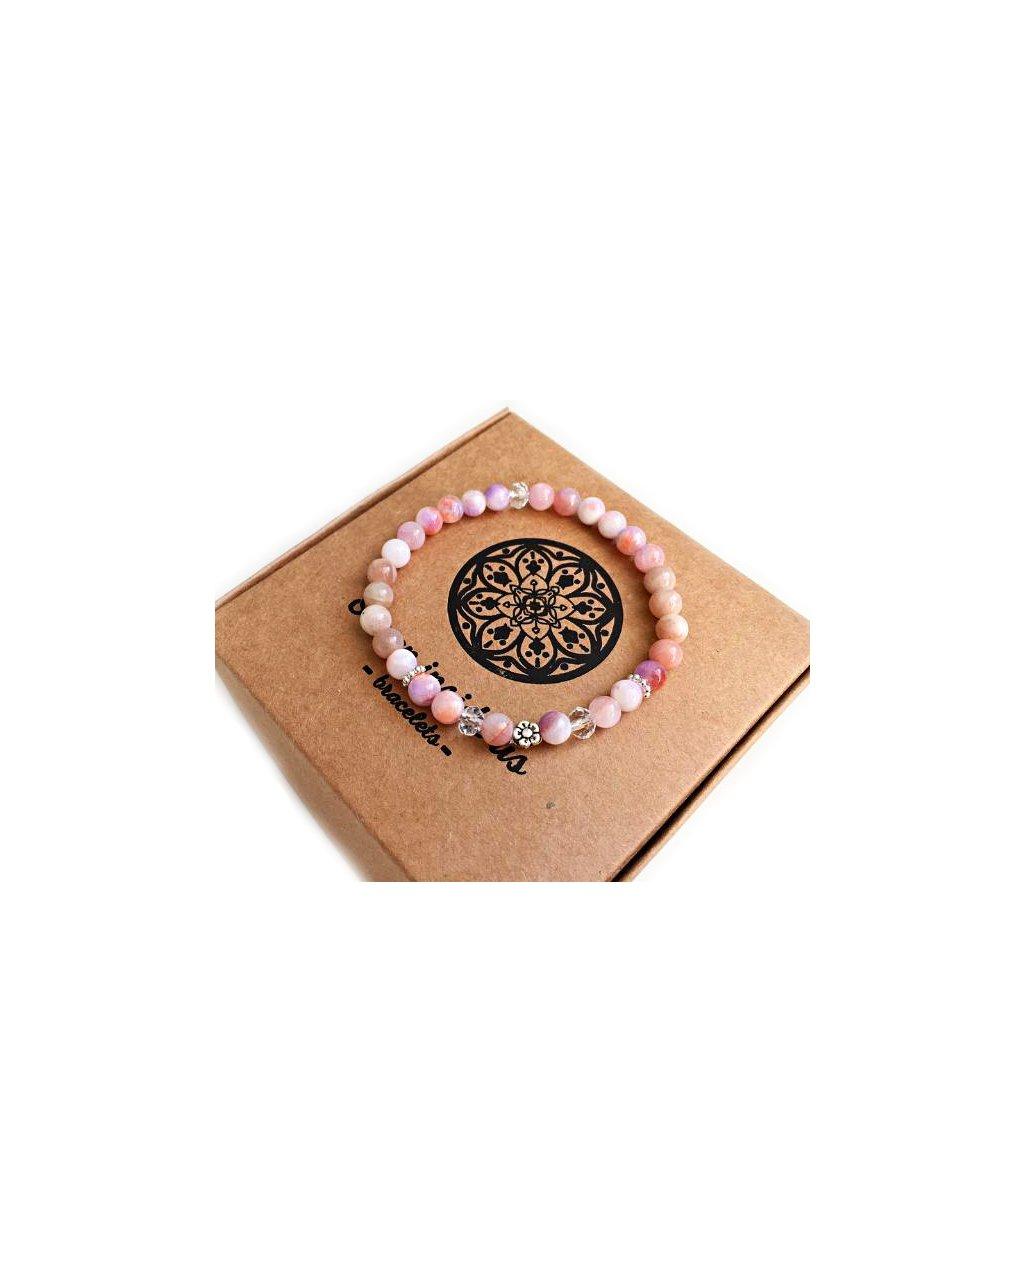 Náramek z minerálů růžový achát, sluneční kámen a jemná květinka